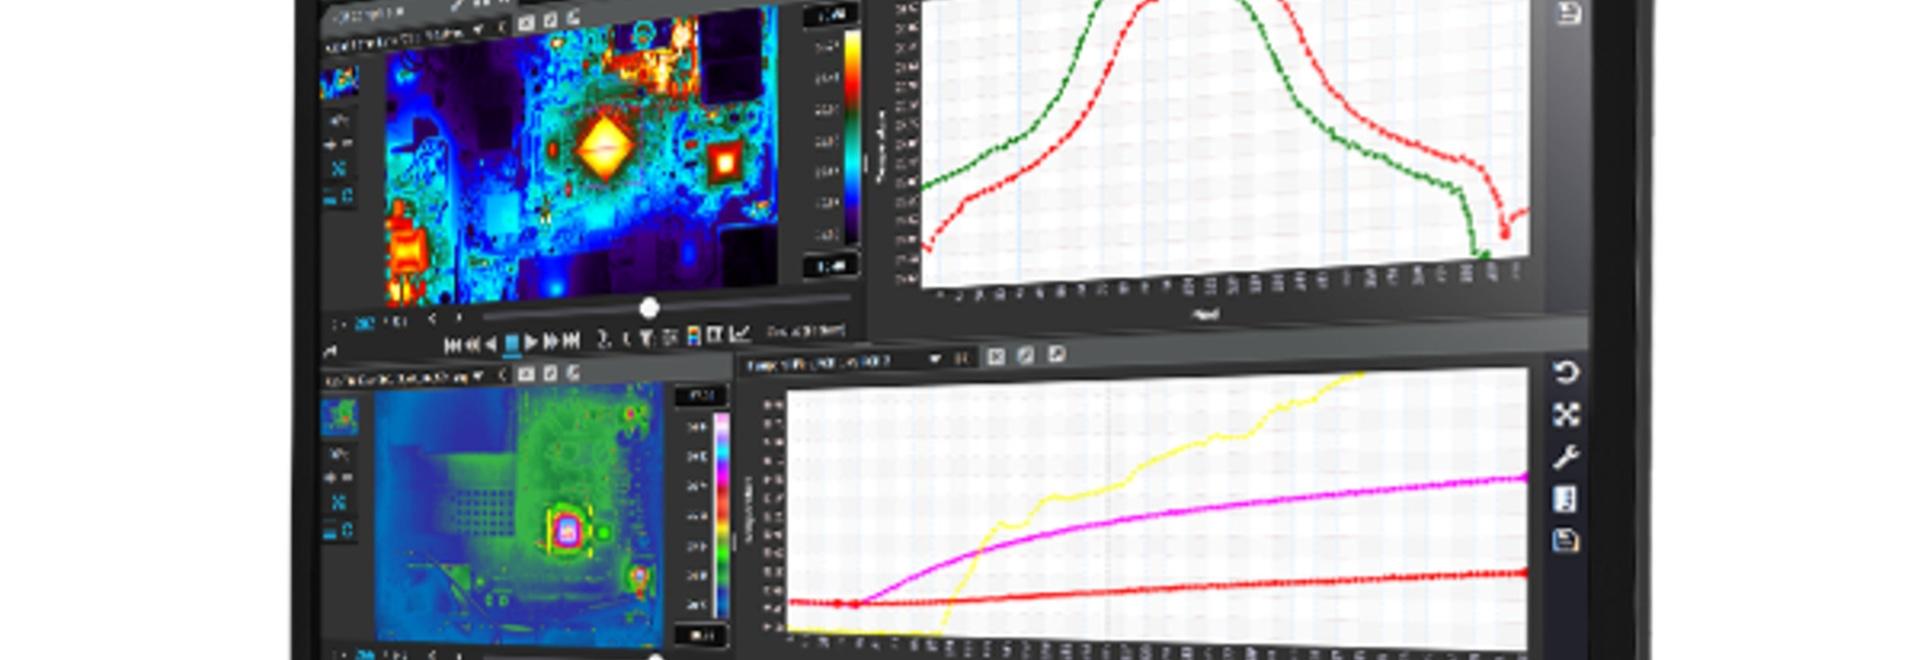 Logiciel multiplateforme pour la collecte et l'analyse de données d'imagerie thermique